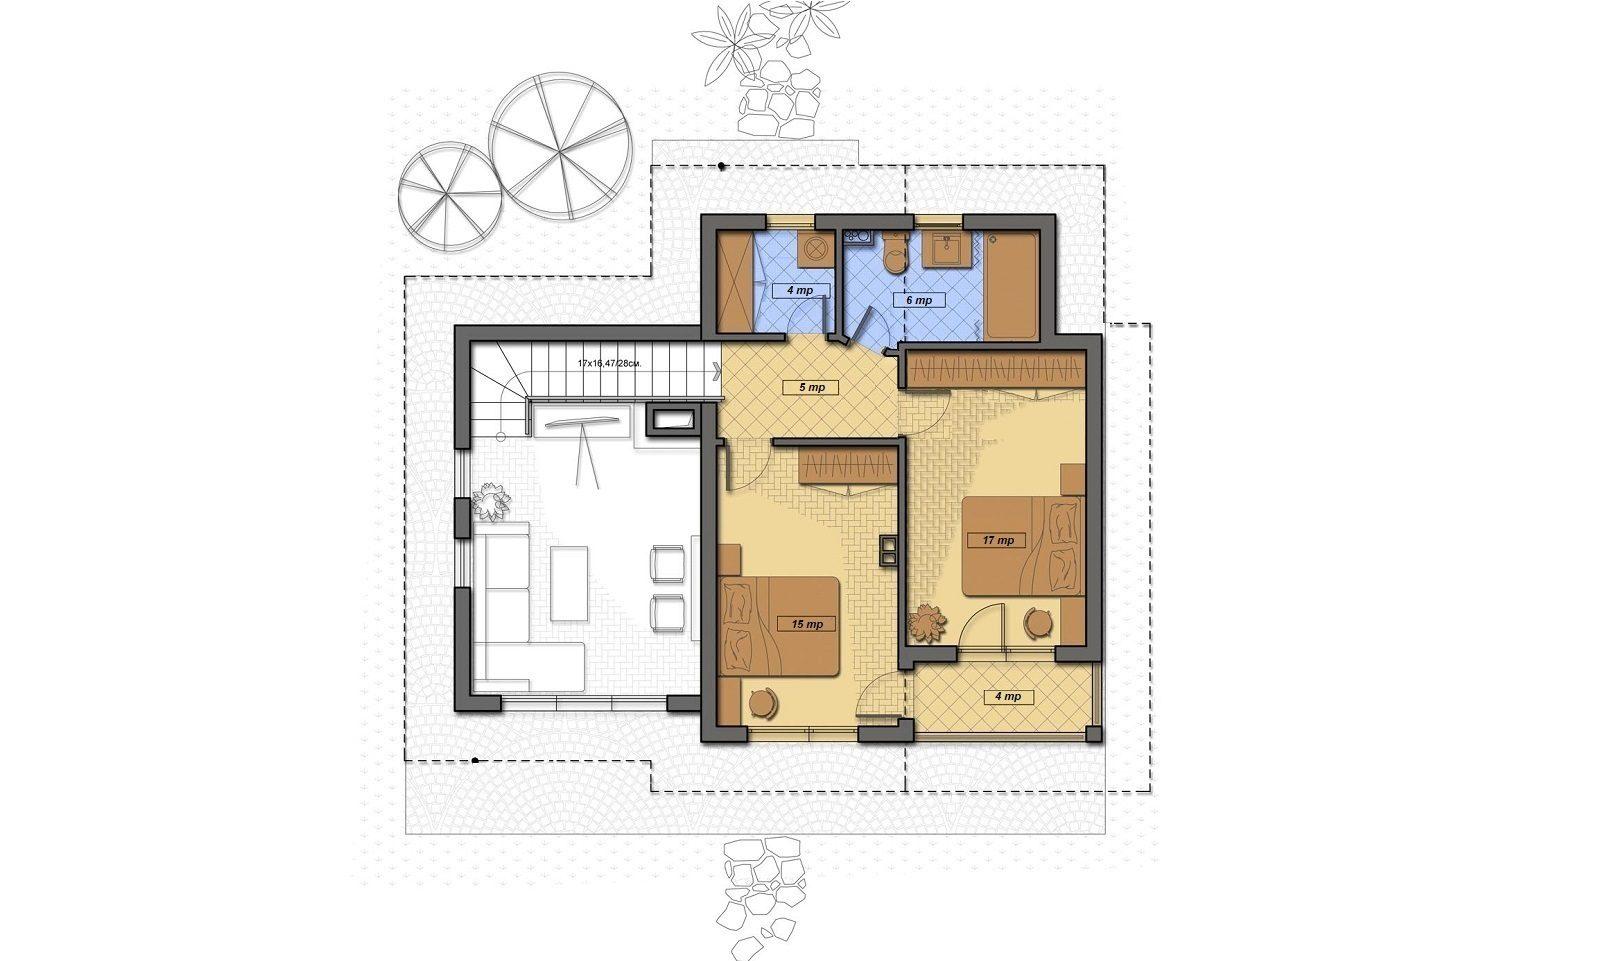 Casa din Povesti plan etaj actual- Cartierul Buna Ziua Tartasesti nord vest Bucuresti